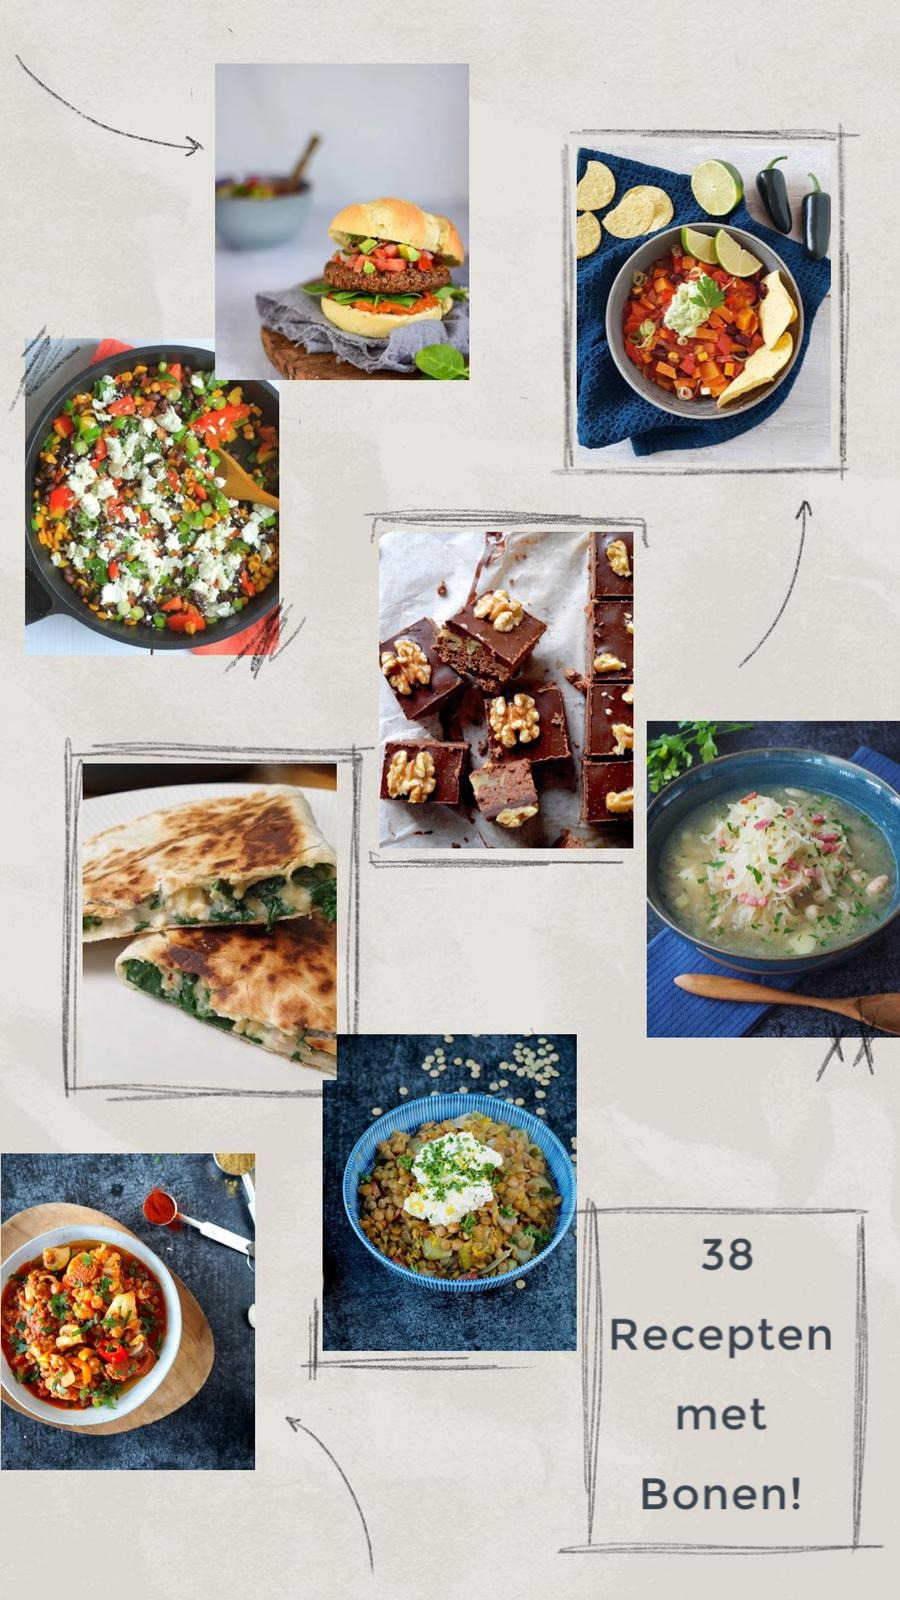 38 Recepten met bonen